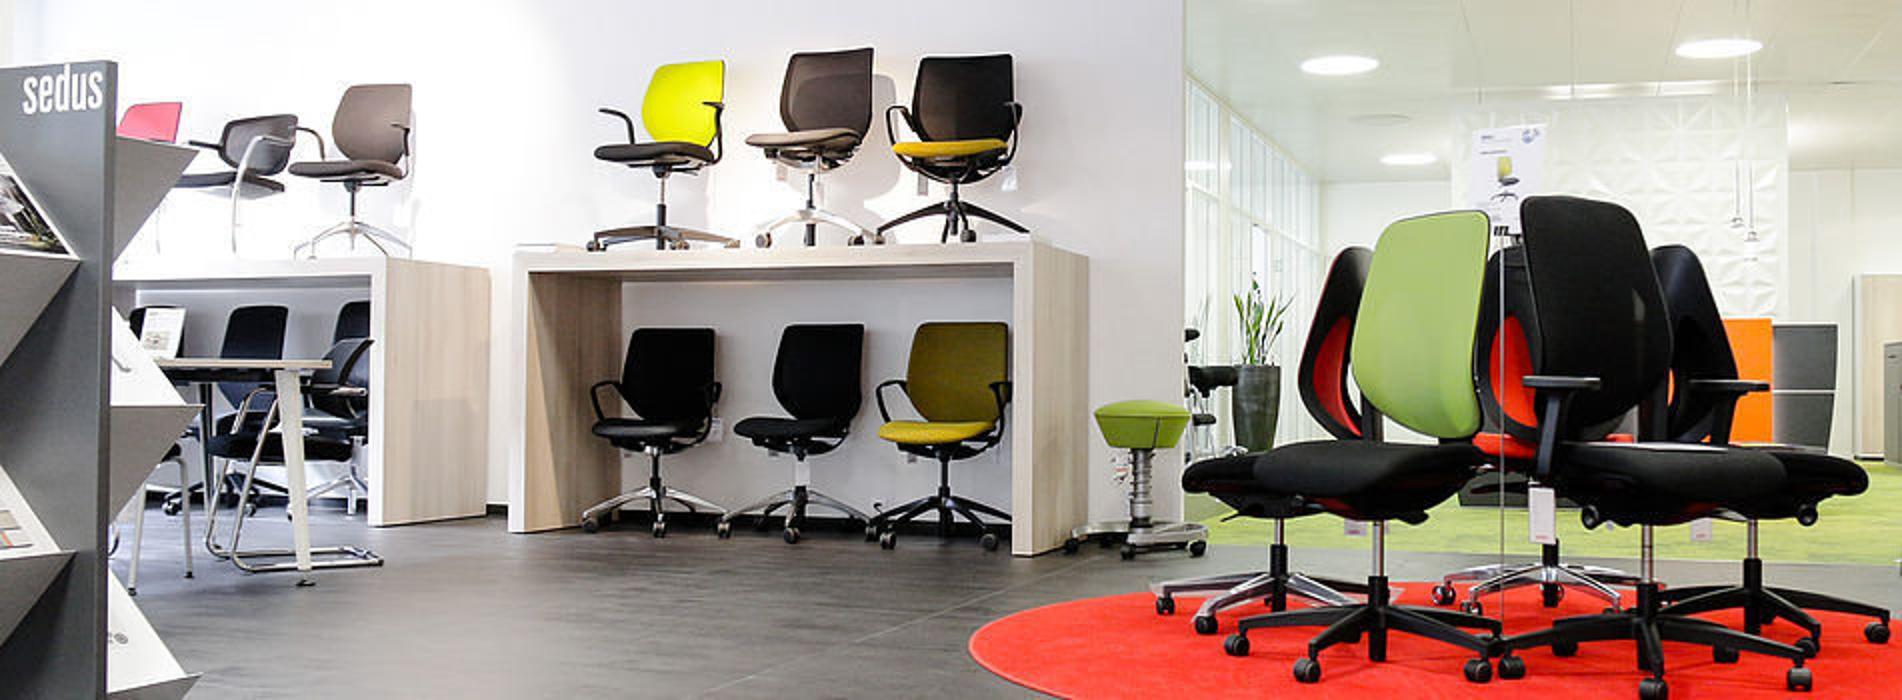 Büro Ag Zug Grienbachstrasse 17 öffnungszeiten Angebote